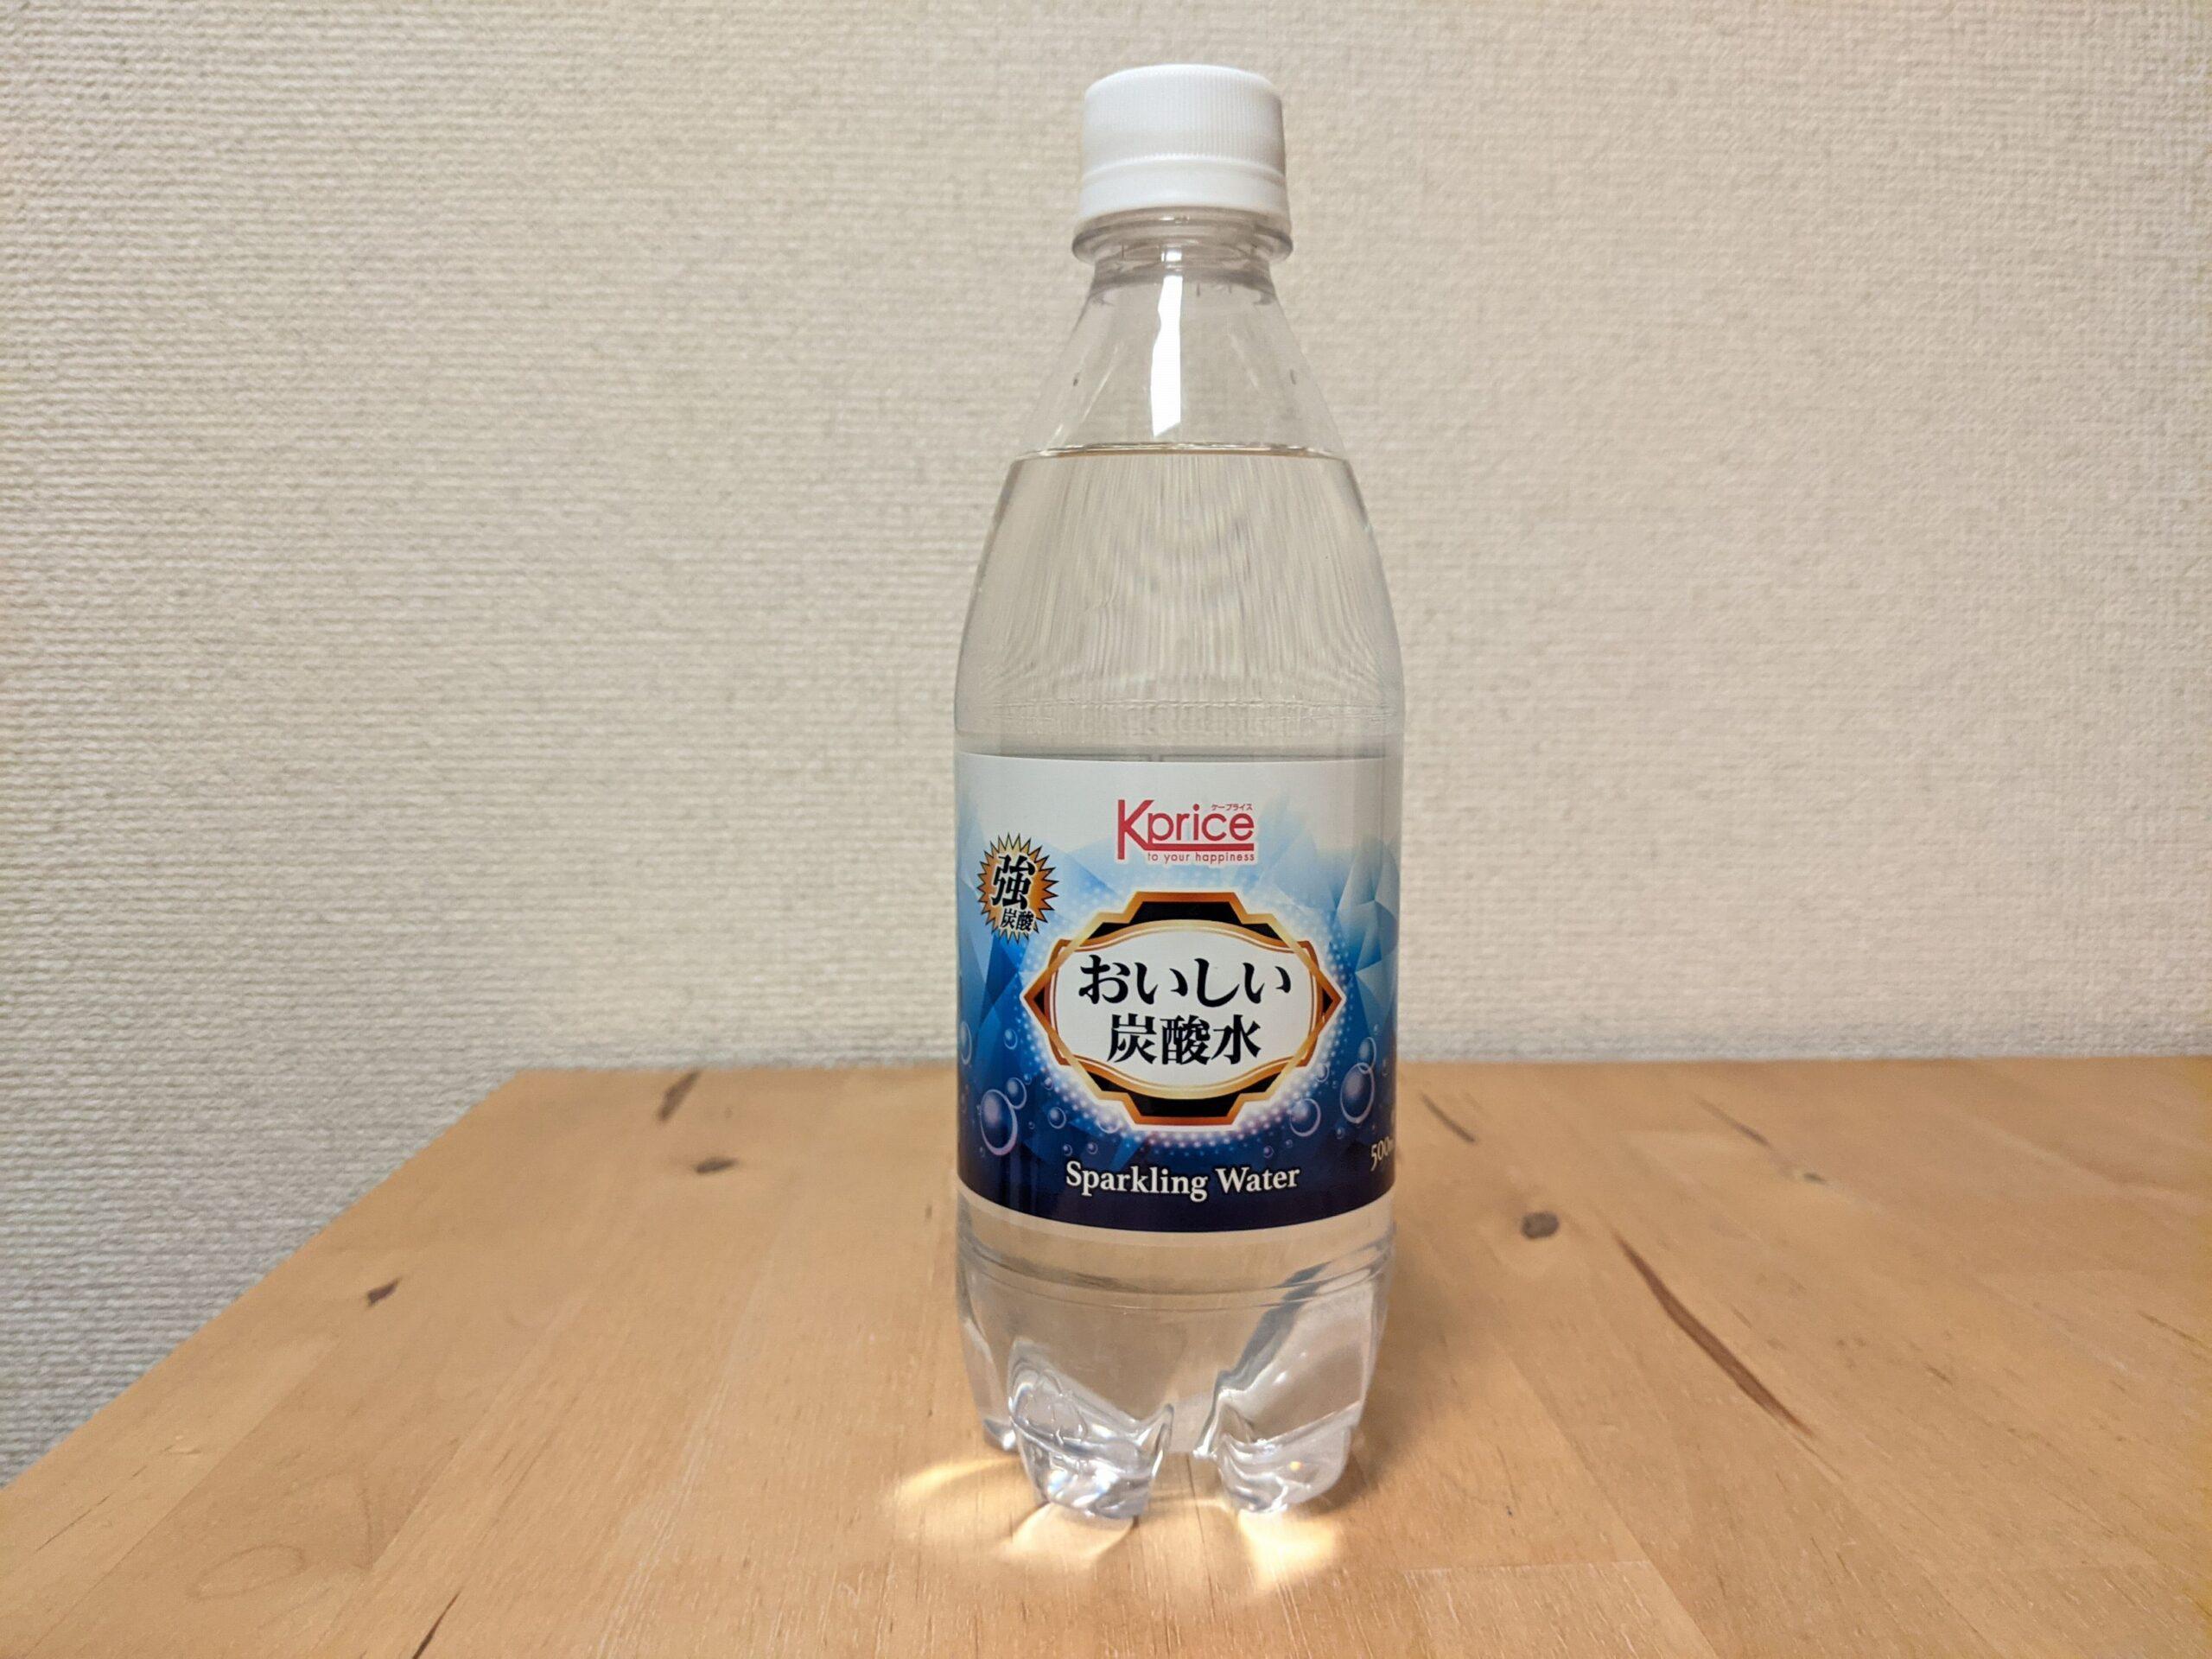 カクヤス 強炭酸水 Sparklingwater